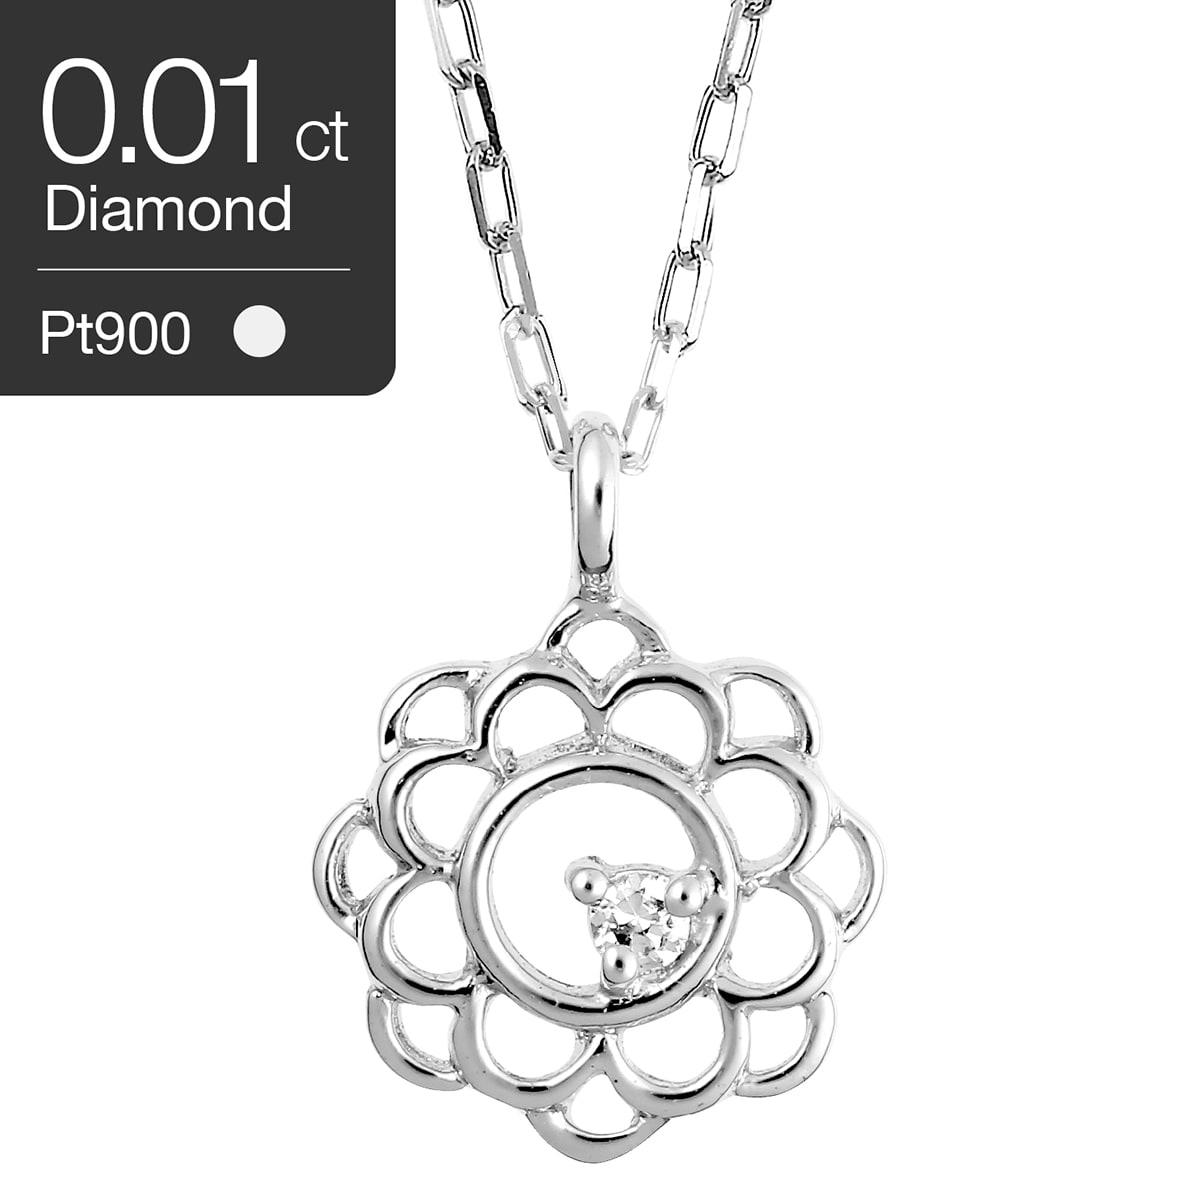 ダイヤモンド ネックレス プラチナ900 一粒 品質保証書 金属アレルギー 日本製 誕生日 ギフト